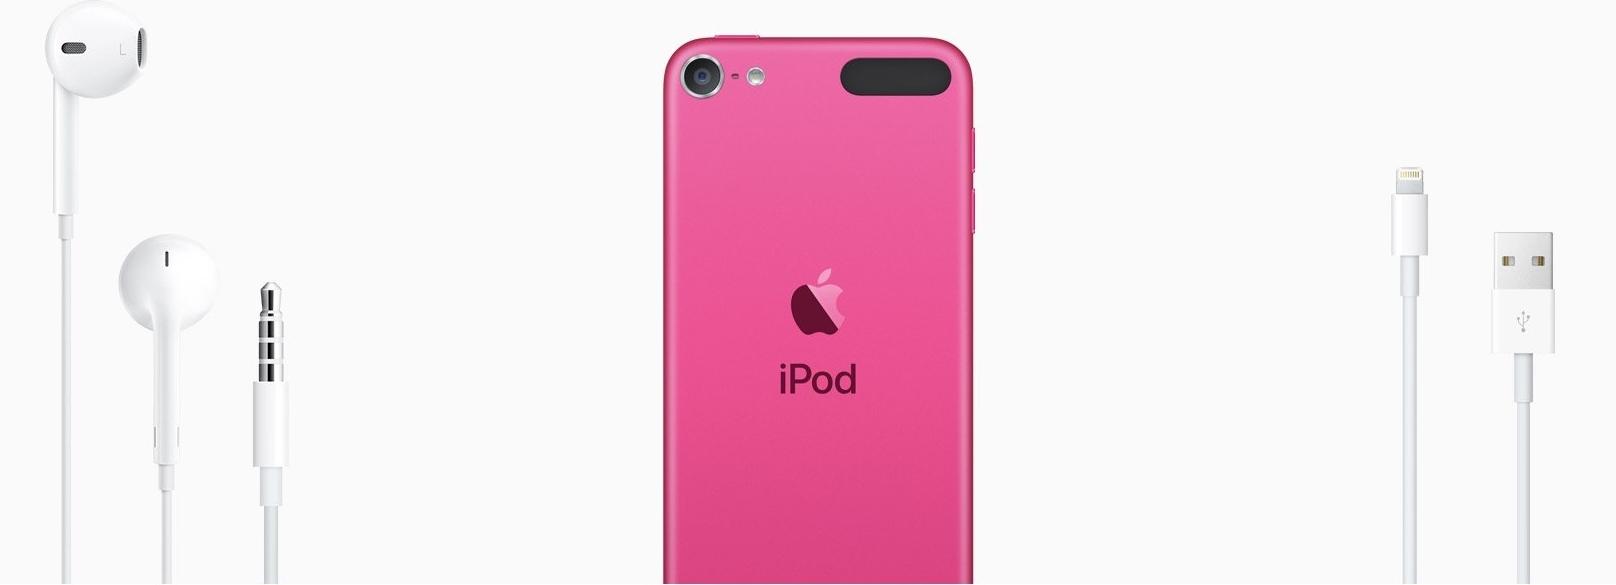 买降价后的iPhone 11 / XR不再附设EarPods及充电器